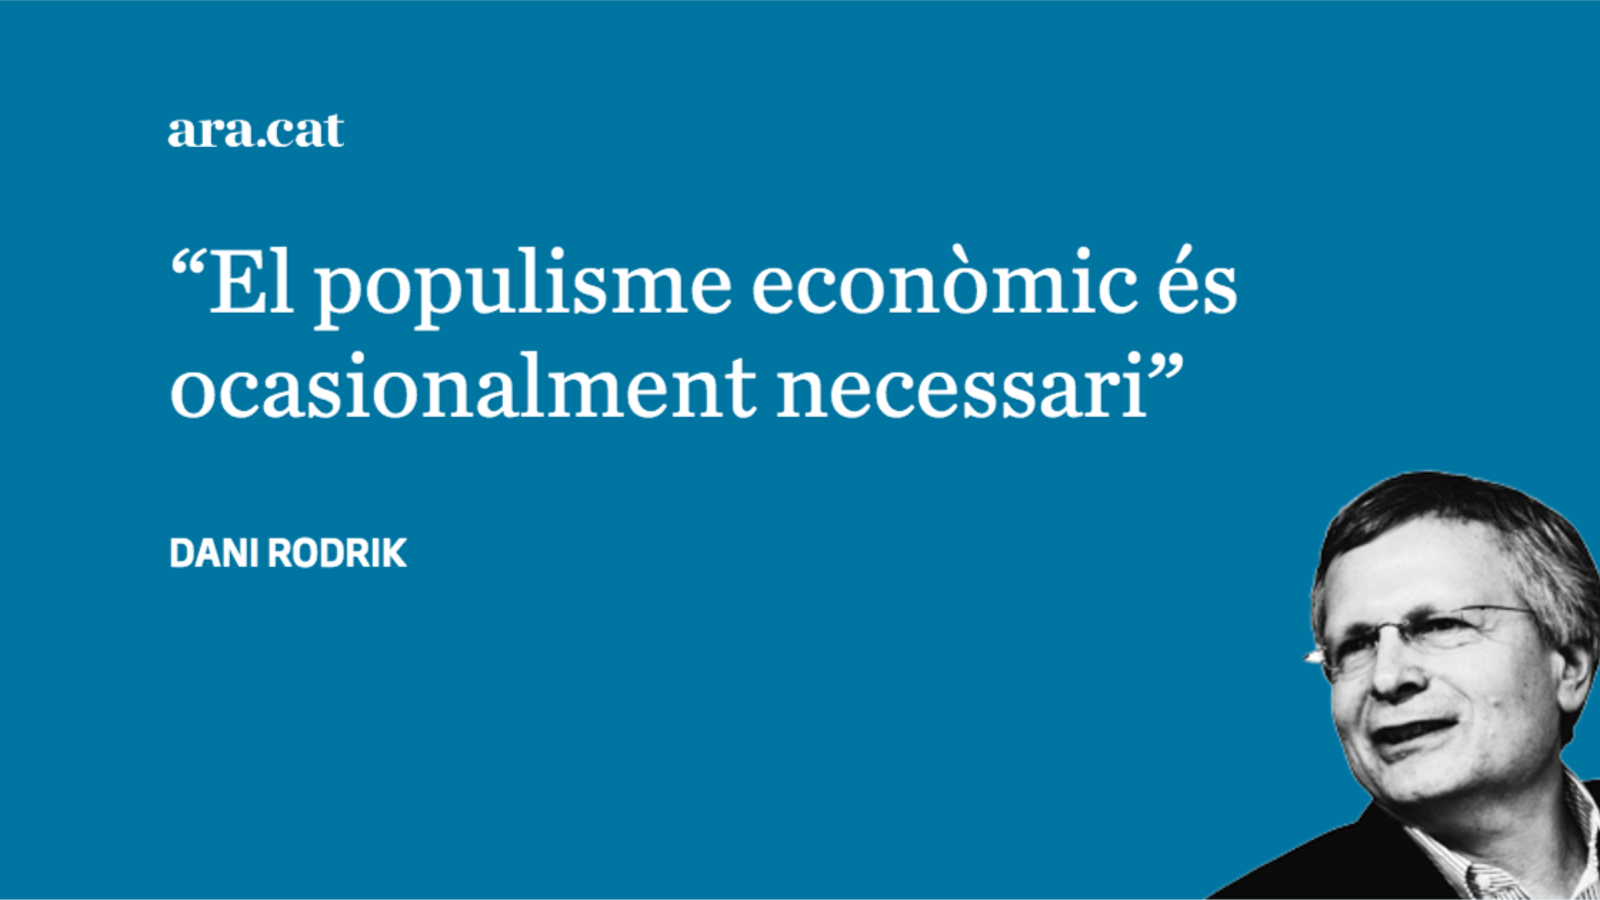 ¿Populisme econòmic contra populisme polític?